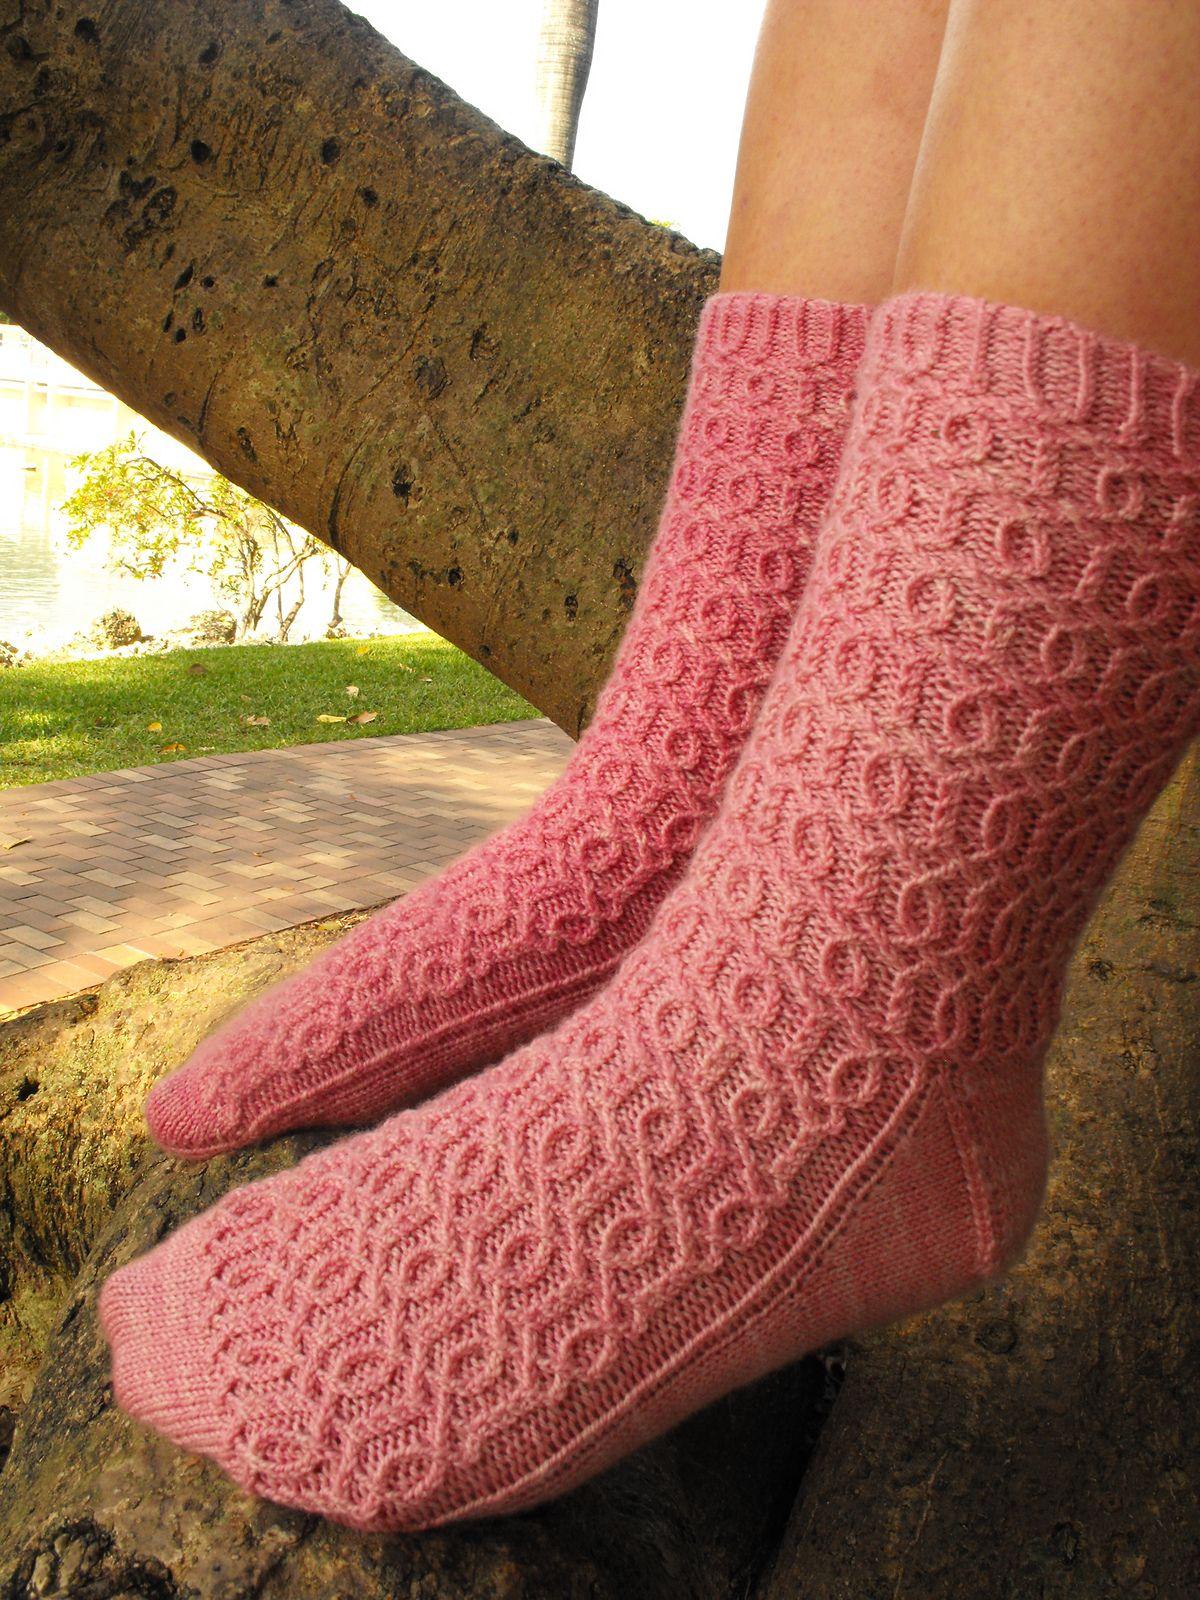 Ravelry: Primrose by Sarah V. Miller | Knitted socks | Pinterest ...